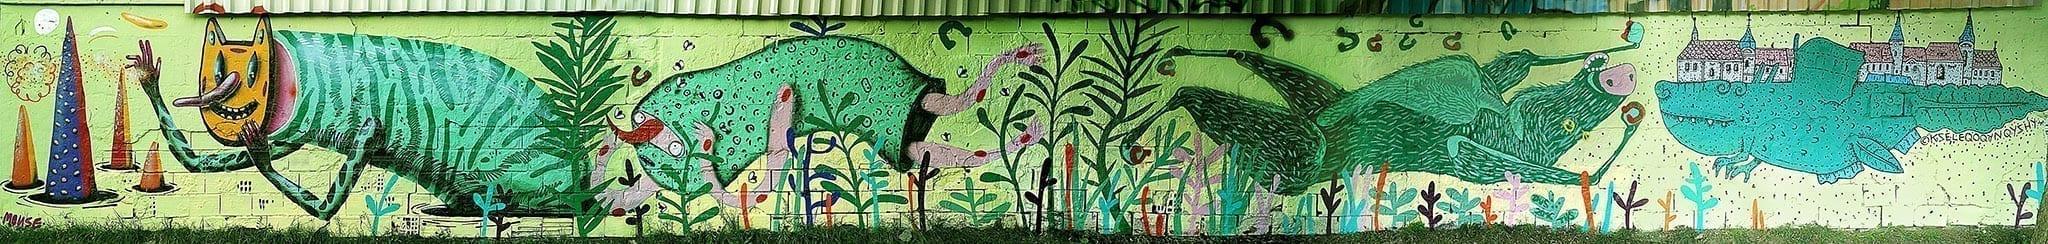 Colaborare Mural - SUNSHINERS (MOUSE _ NIKKAWHY) - TUS - KSELEQOQYNQYSHY - Budapesta